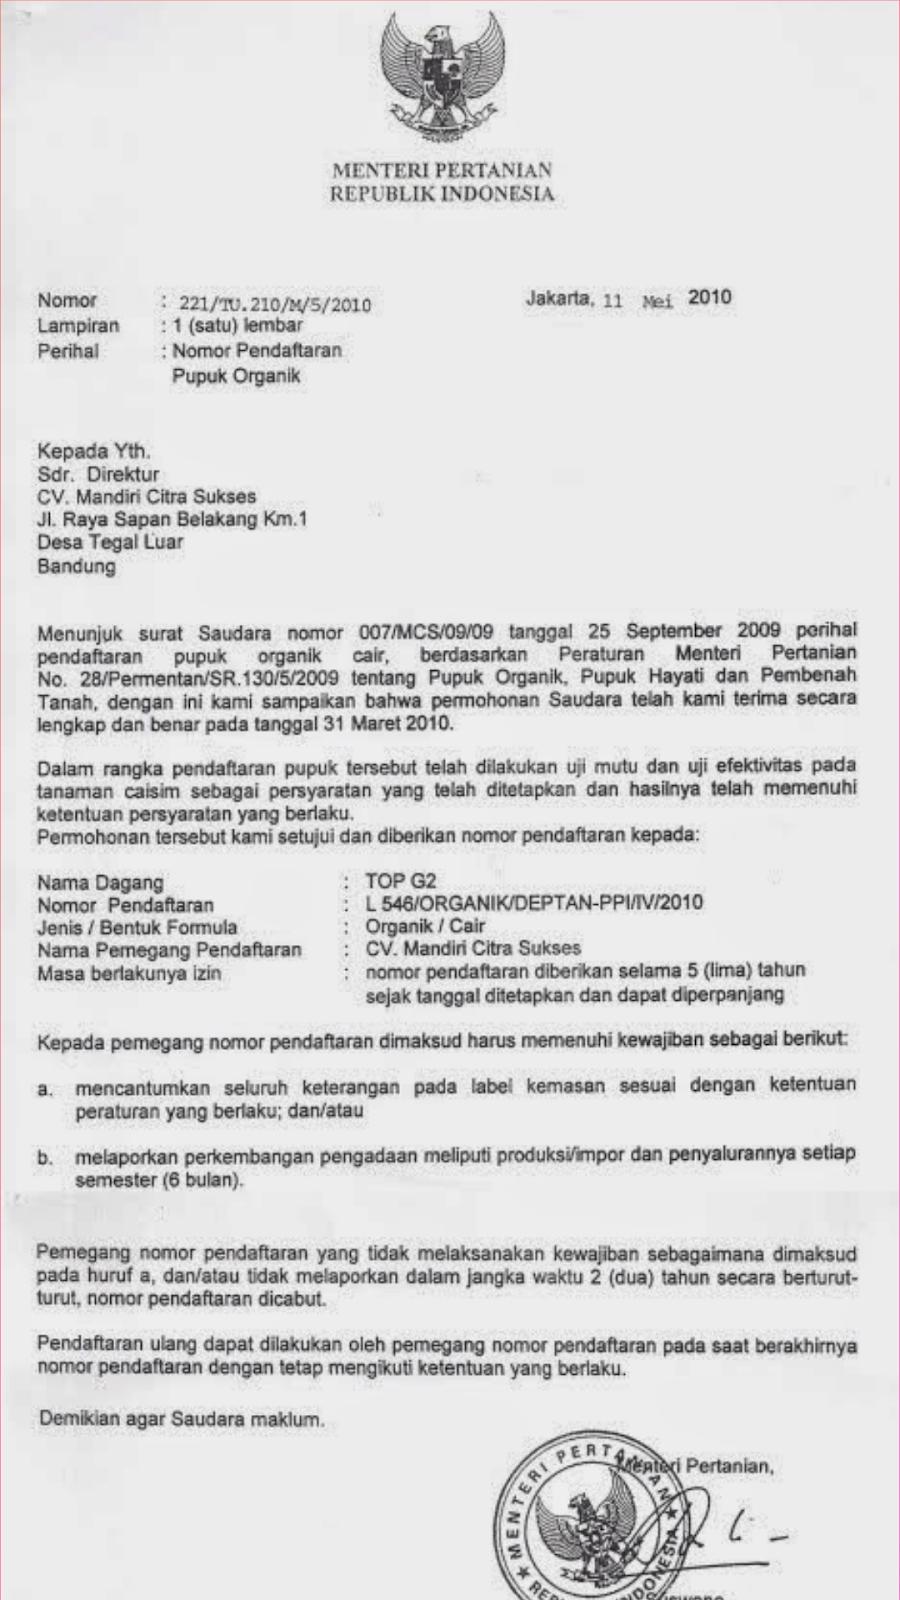 Legalitas  TOP G2 dari Kementerian Pertanian Republik Indonesia